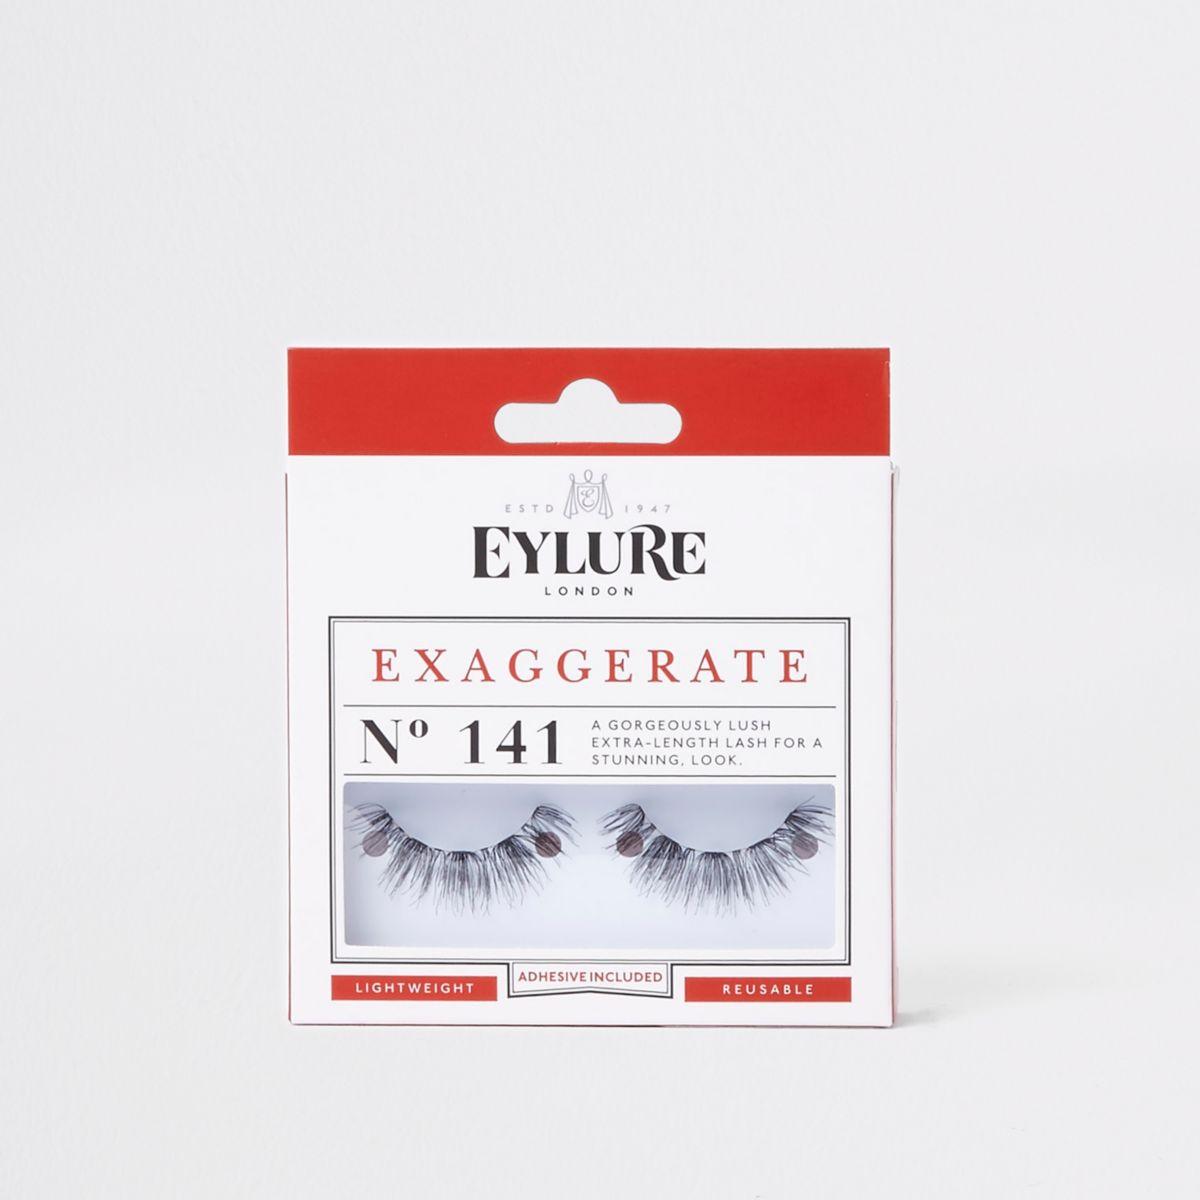 Eylure 141 exaggerate false eyelashes